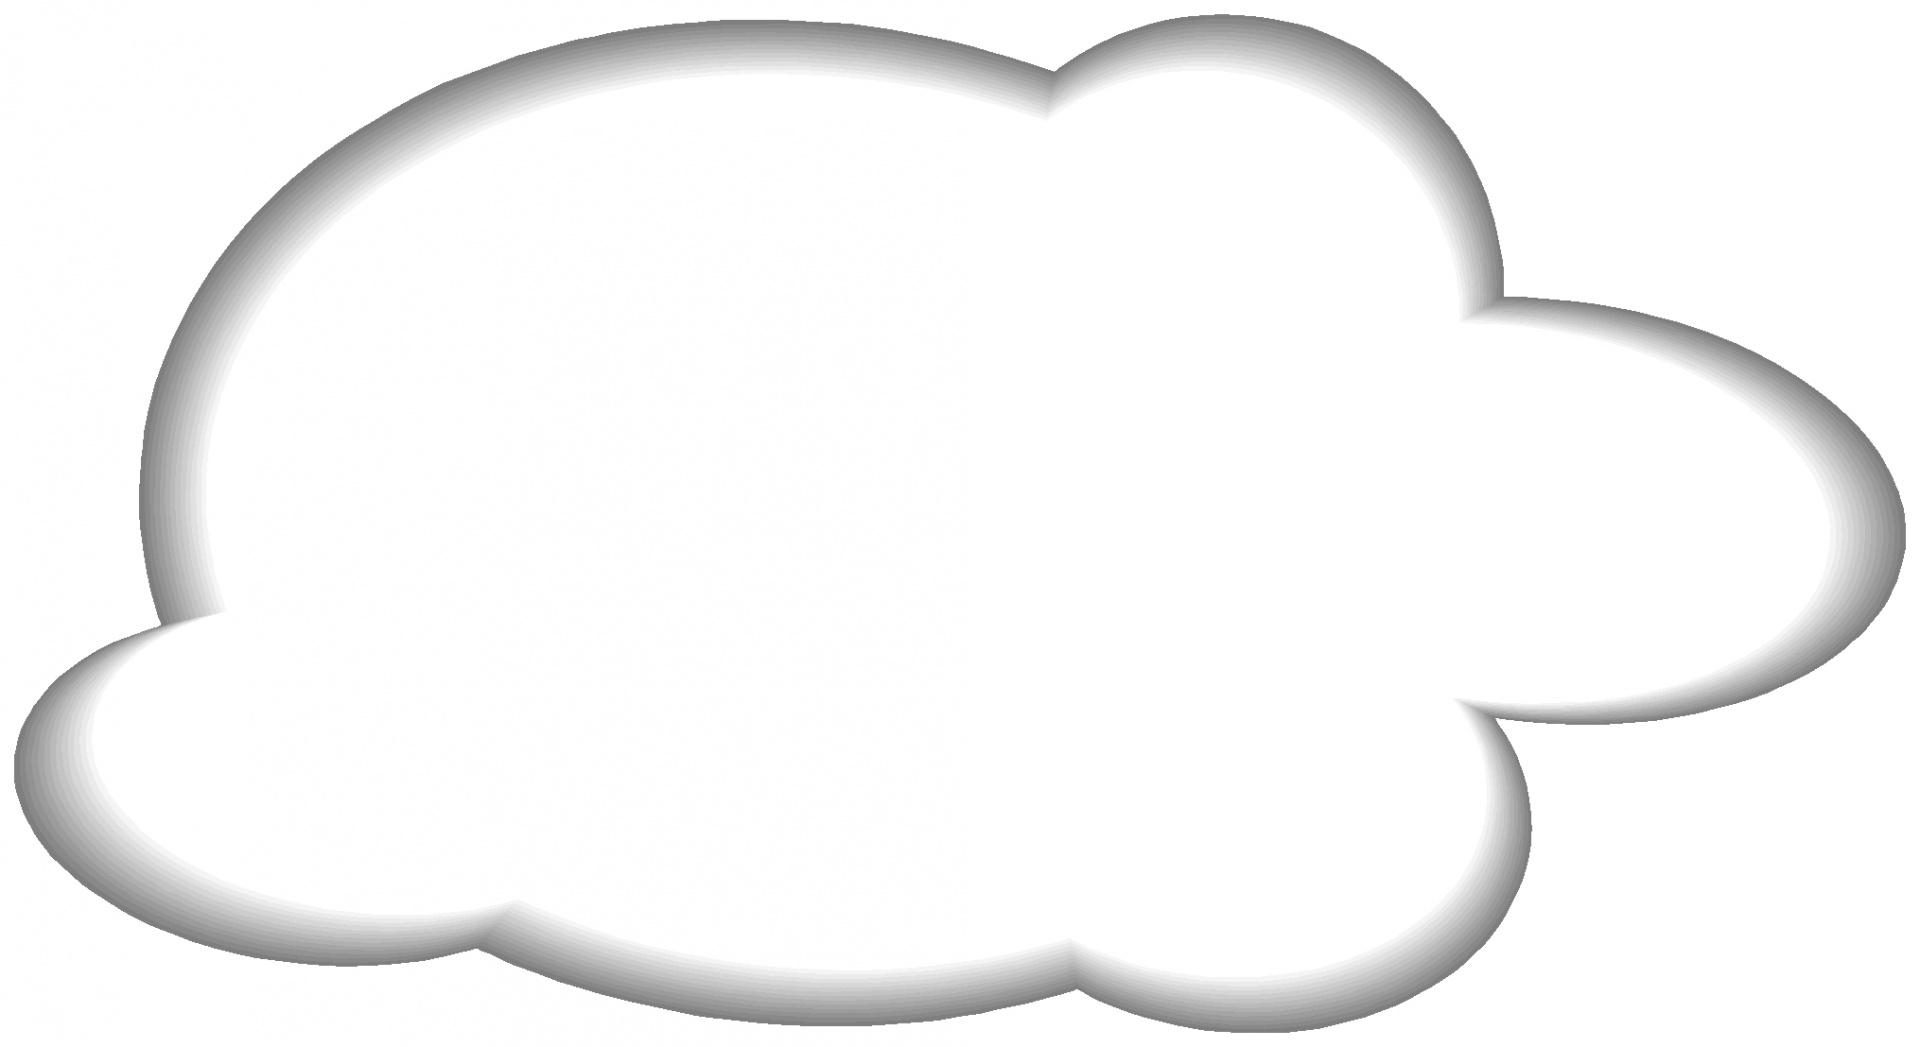 Белое облако на прозрачном фоне картинки